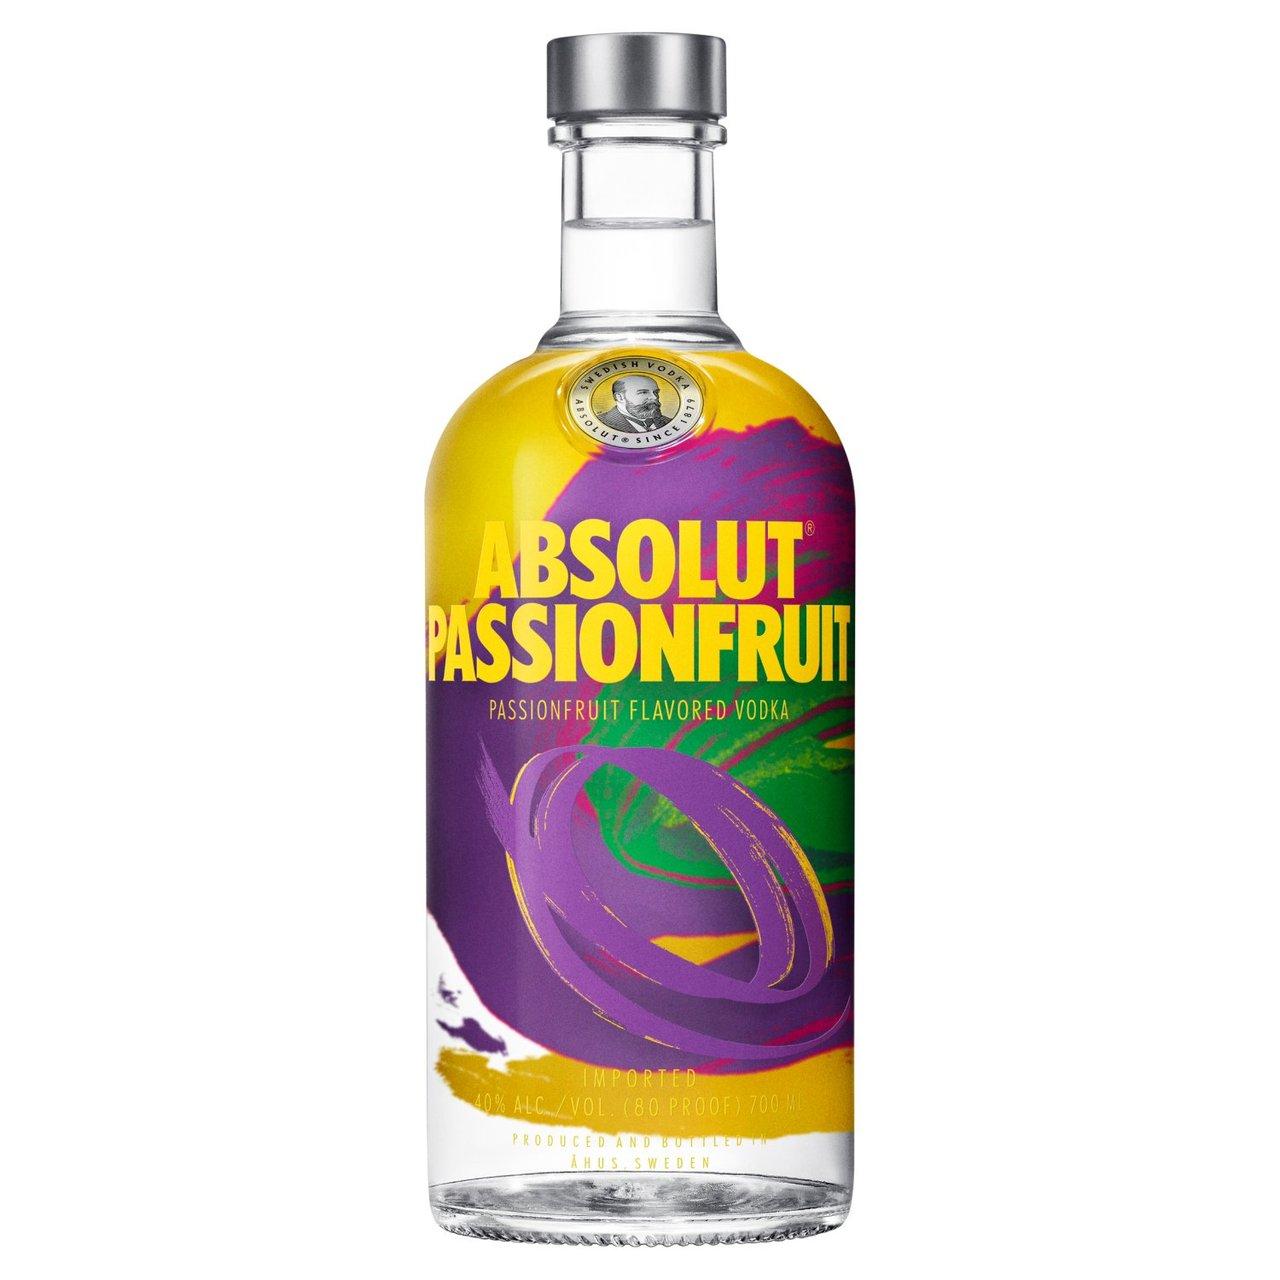 Absolut Passionfruit Vodka 70cl - £16 @ Morrisons